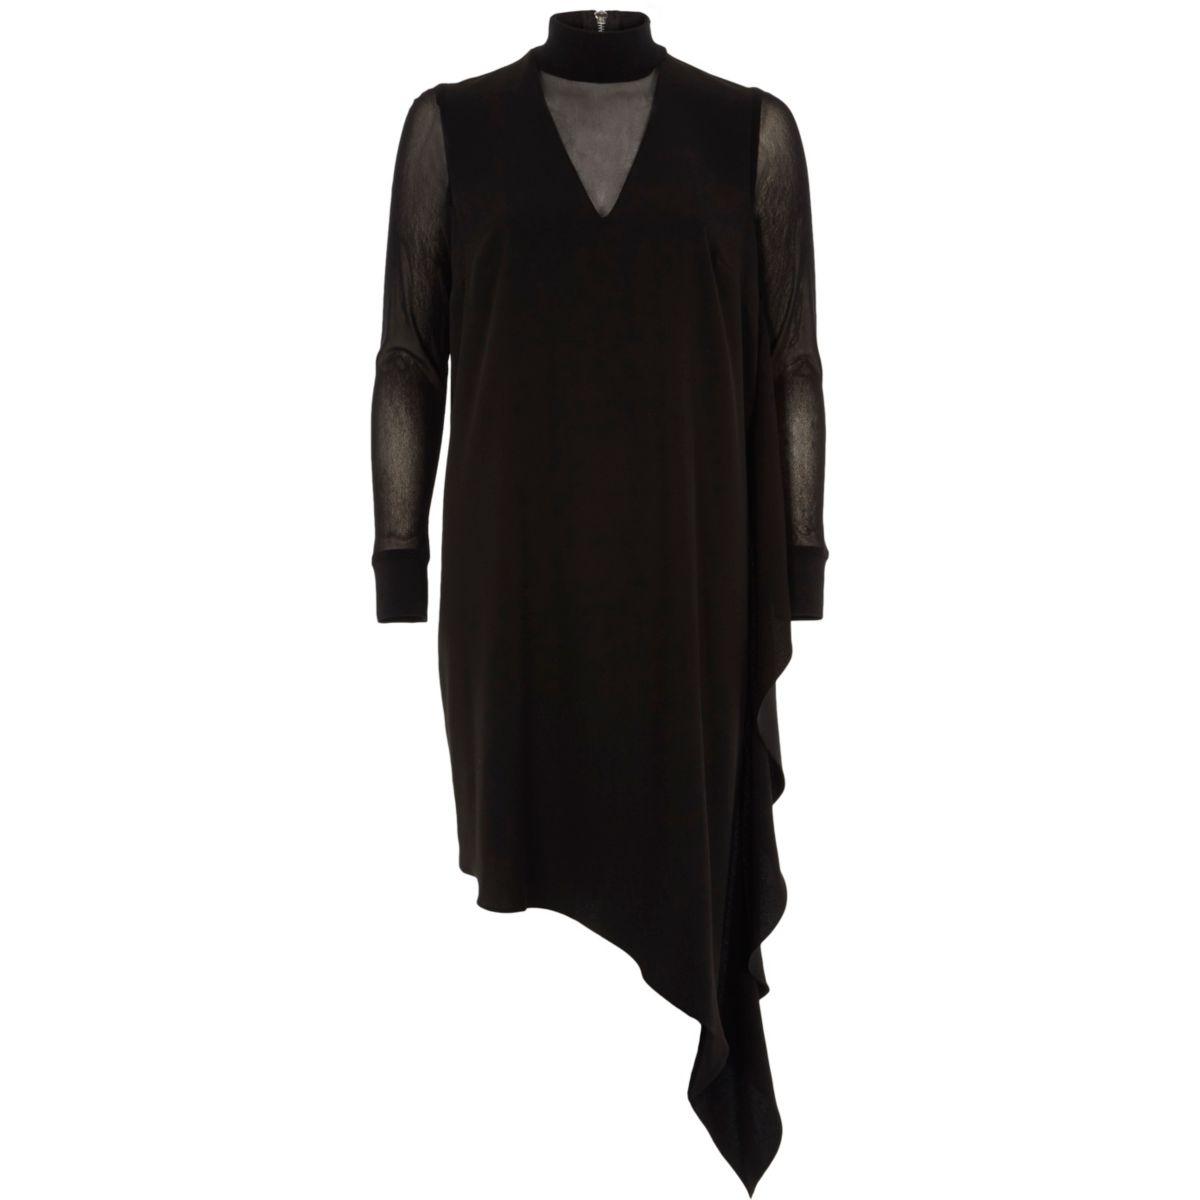 Zwarte jurk met asymmetrische zoom en mesh paneel